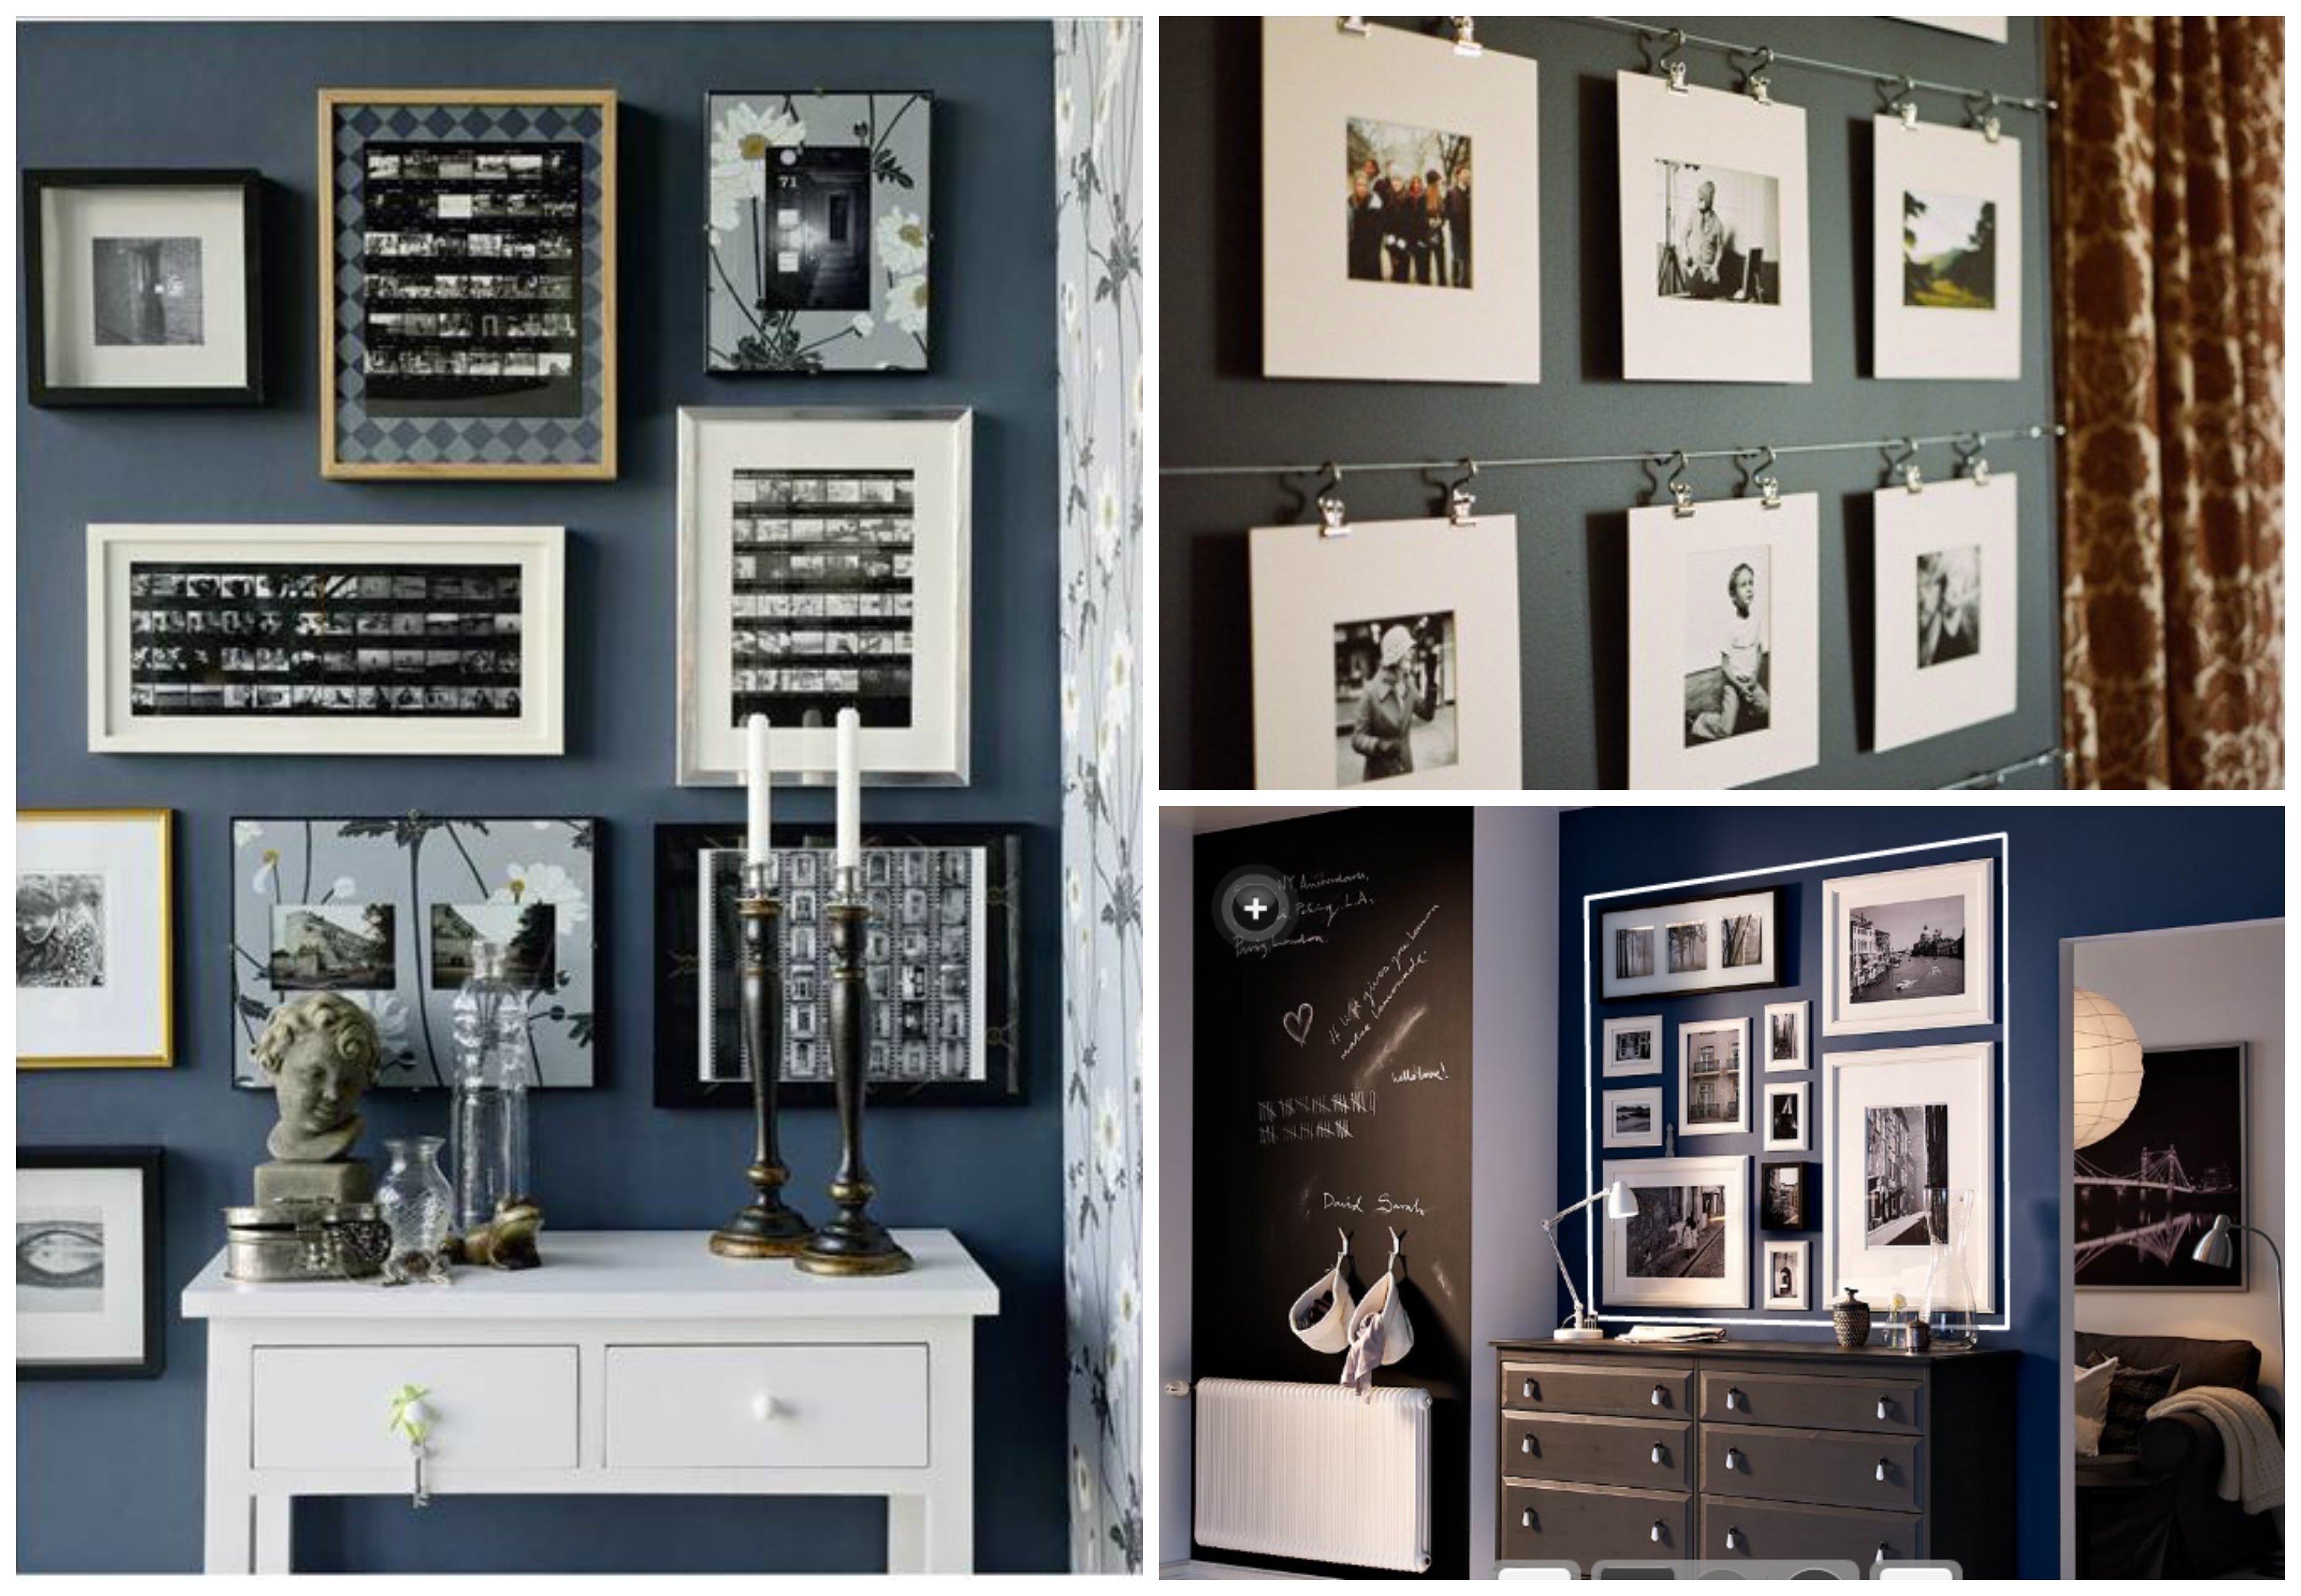 Bien pensado decoraci n con fotos casa y mantel for Decoracion con fotos